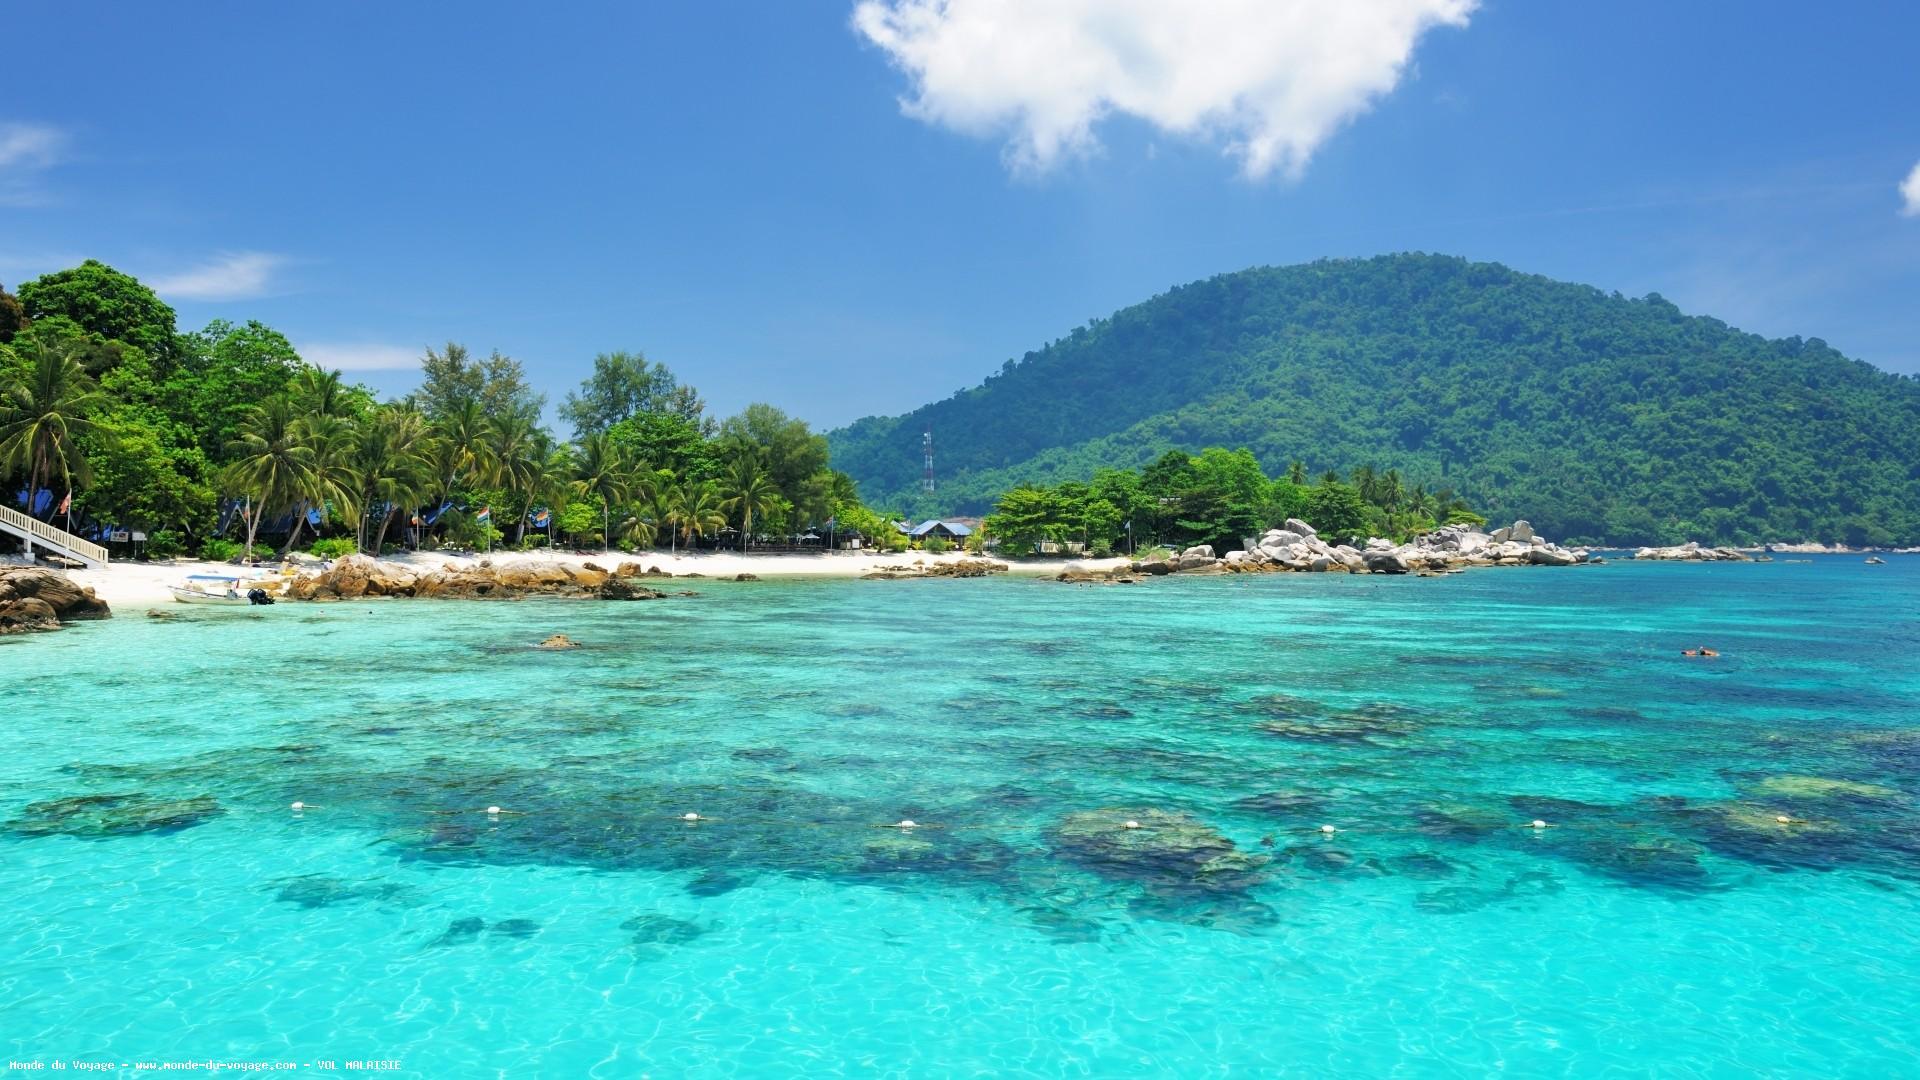 Passer des vacances remplies de sensations fortes à Malaisie